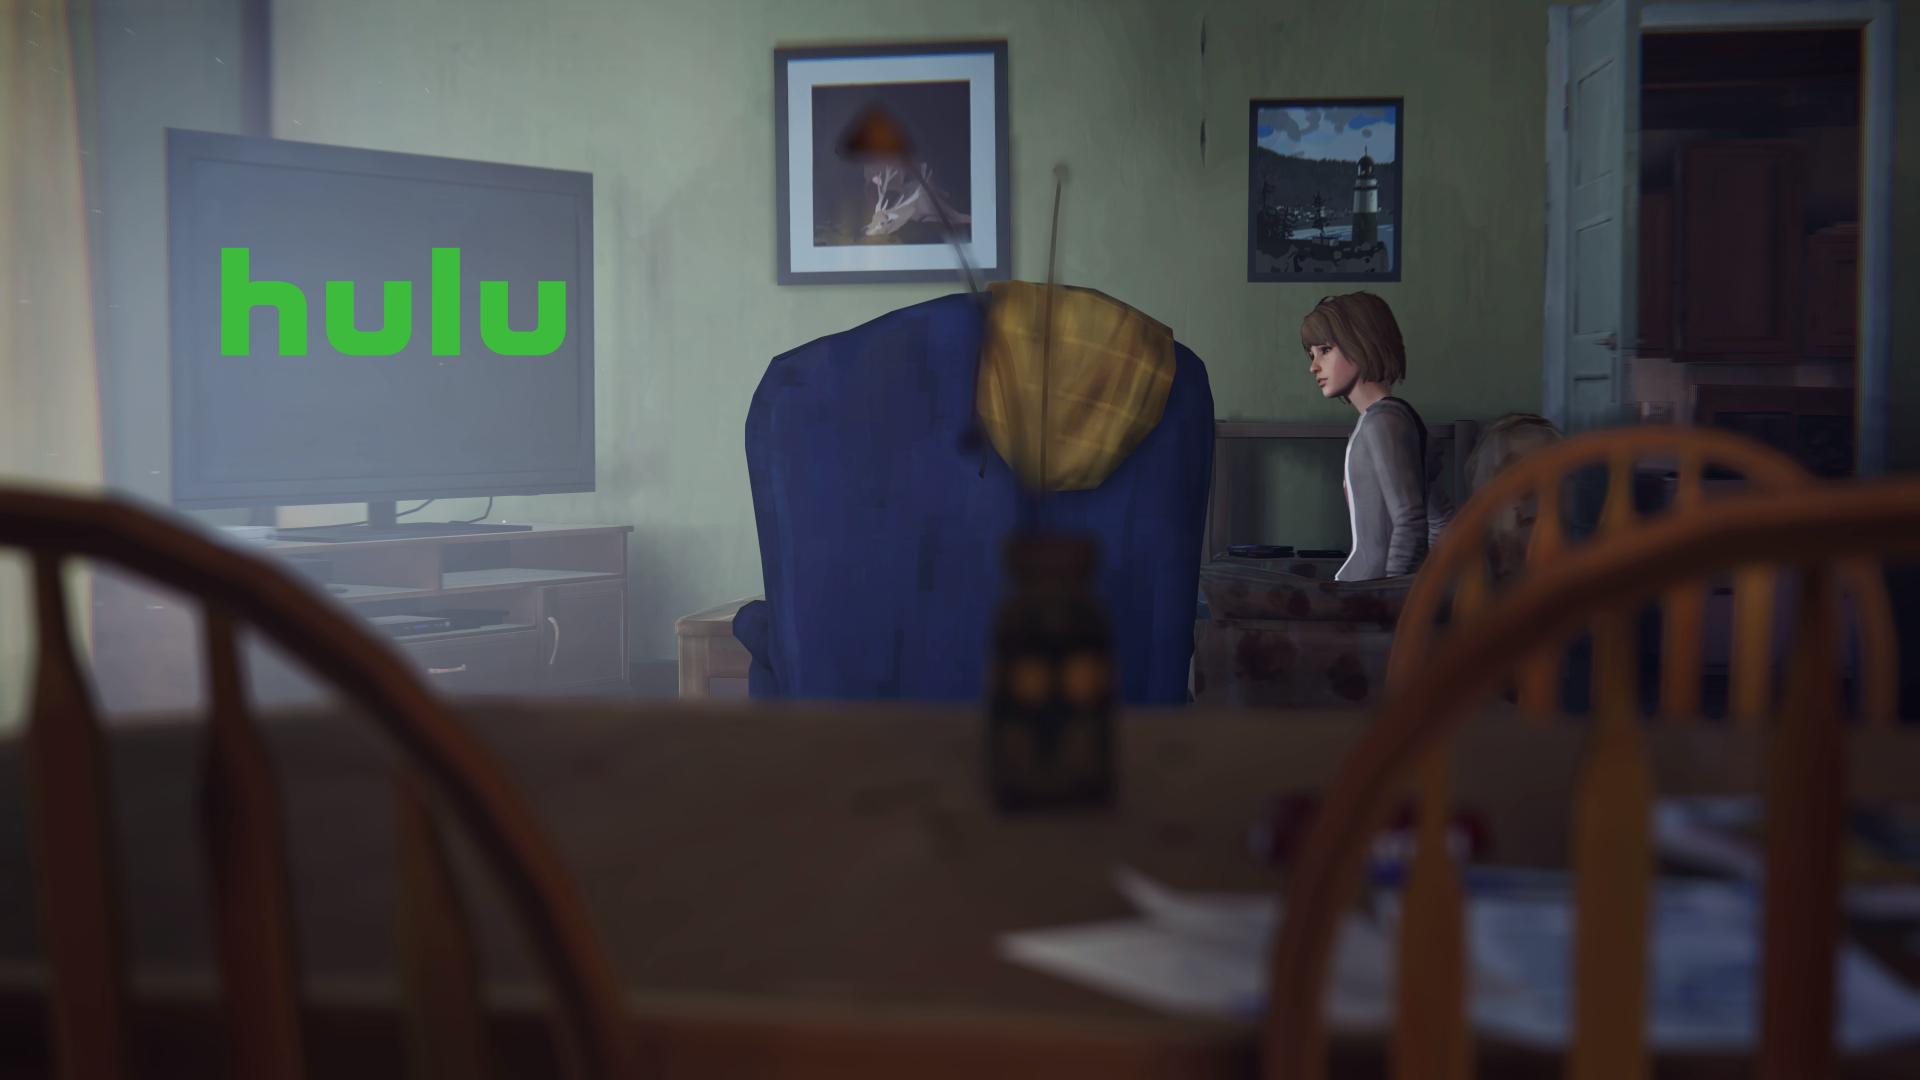 Сериал по мотивам игры Life is Strange (2015) будет транслироваться на Hulu